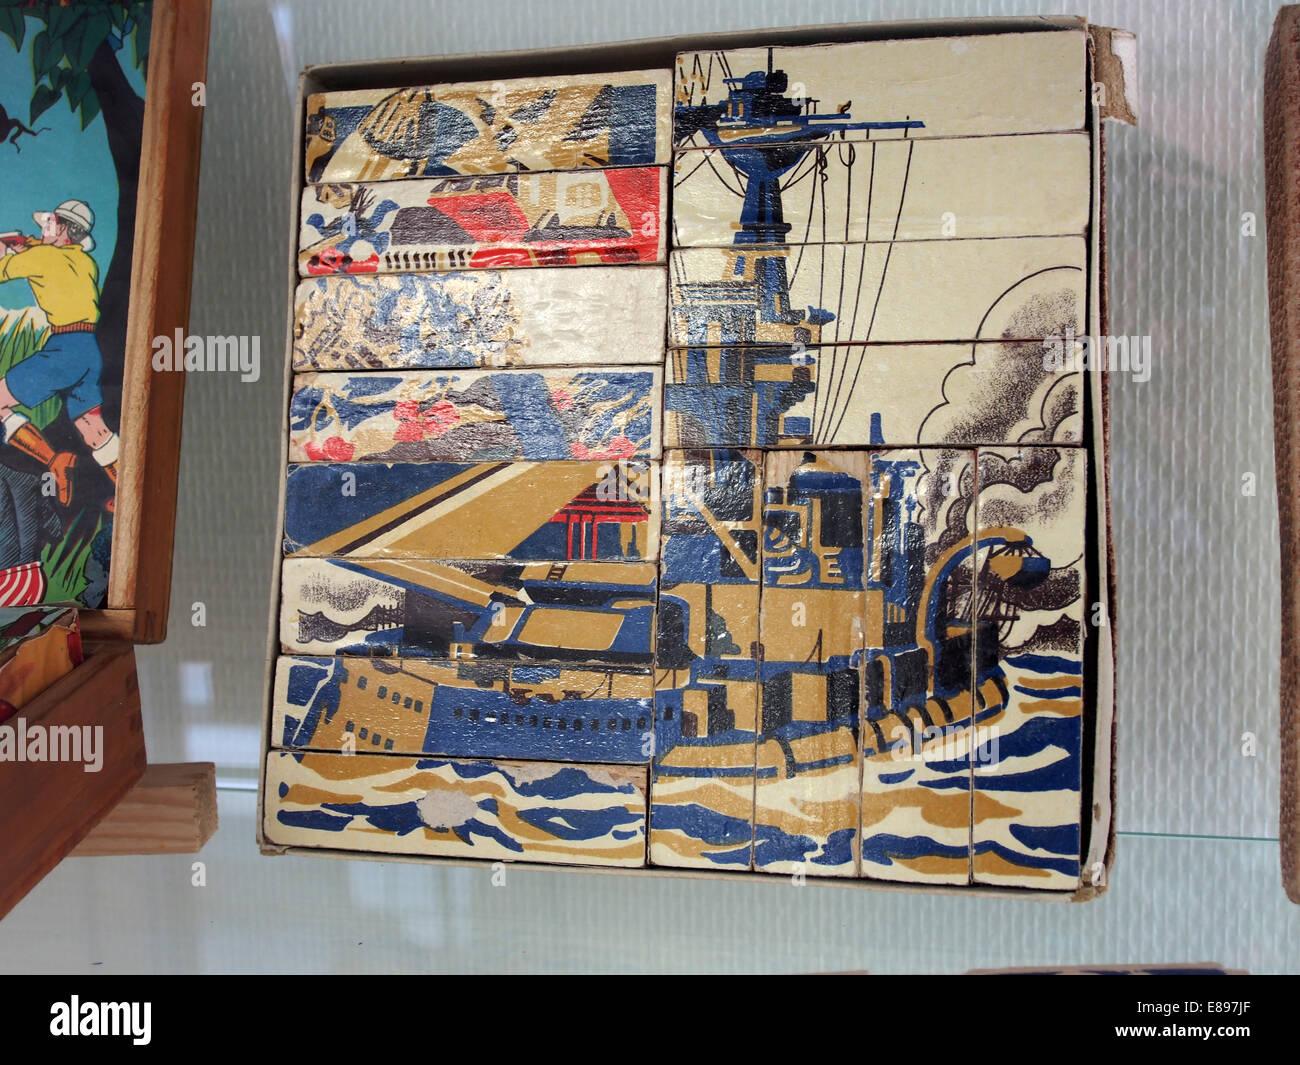 Old Puzzle of WWI war ship, MusC3A9e du jouet de Colmar - Stock Image